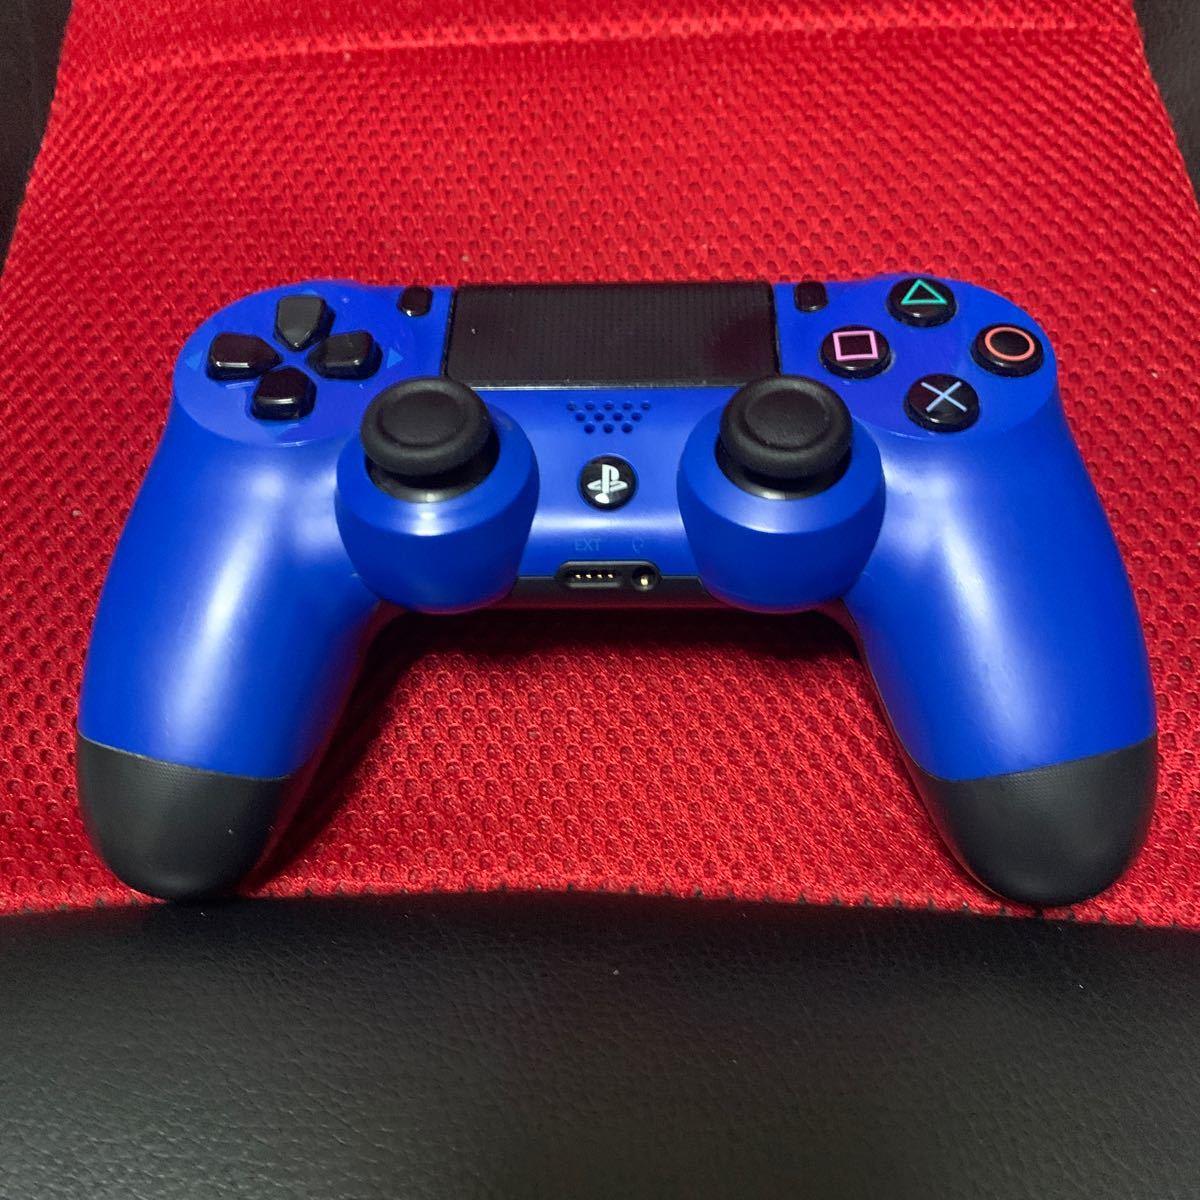 PS4 純正コントローラー ウェイトブルー 純正 デュアルショック4 DUALSHOCK4 ピカピカのクリーニング済み